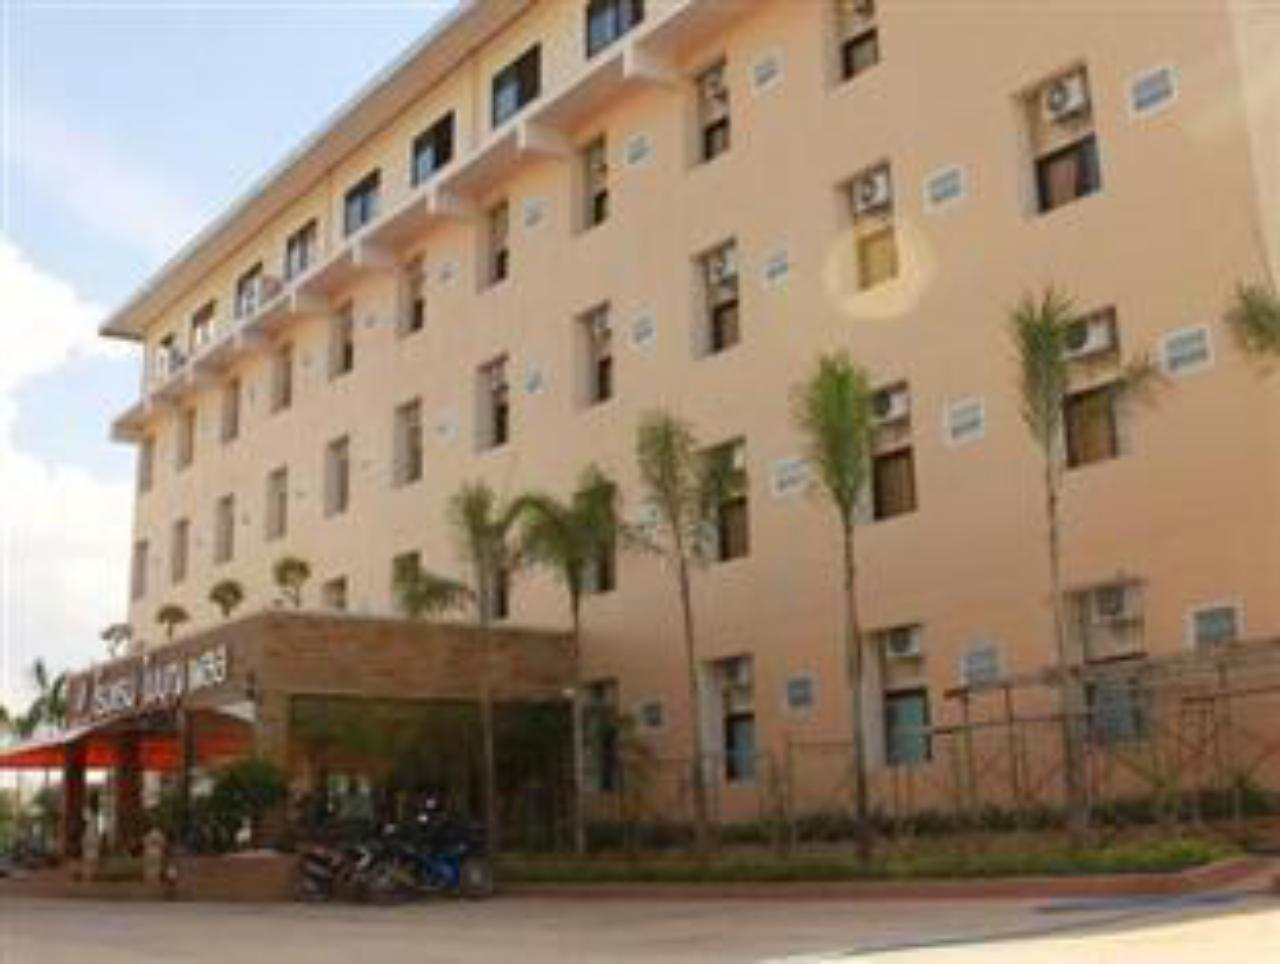 ใบบุญ เพลส โฮเต็ล แอนด์ คอนเวชั่น เซ็นเตอร์ (Baiboon Place Hotel & Convention Center)